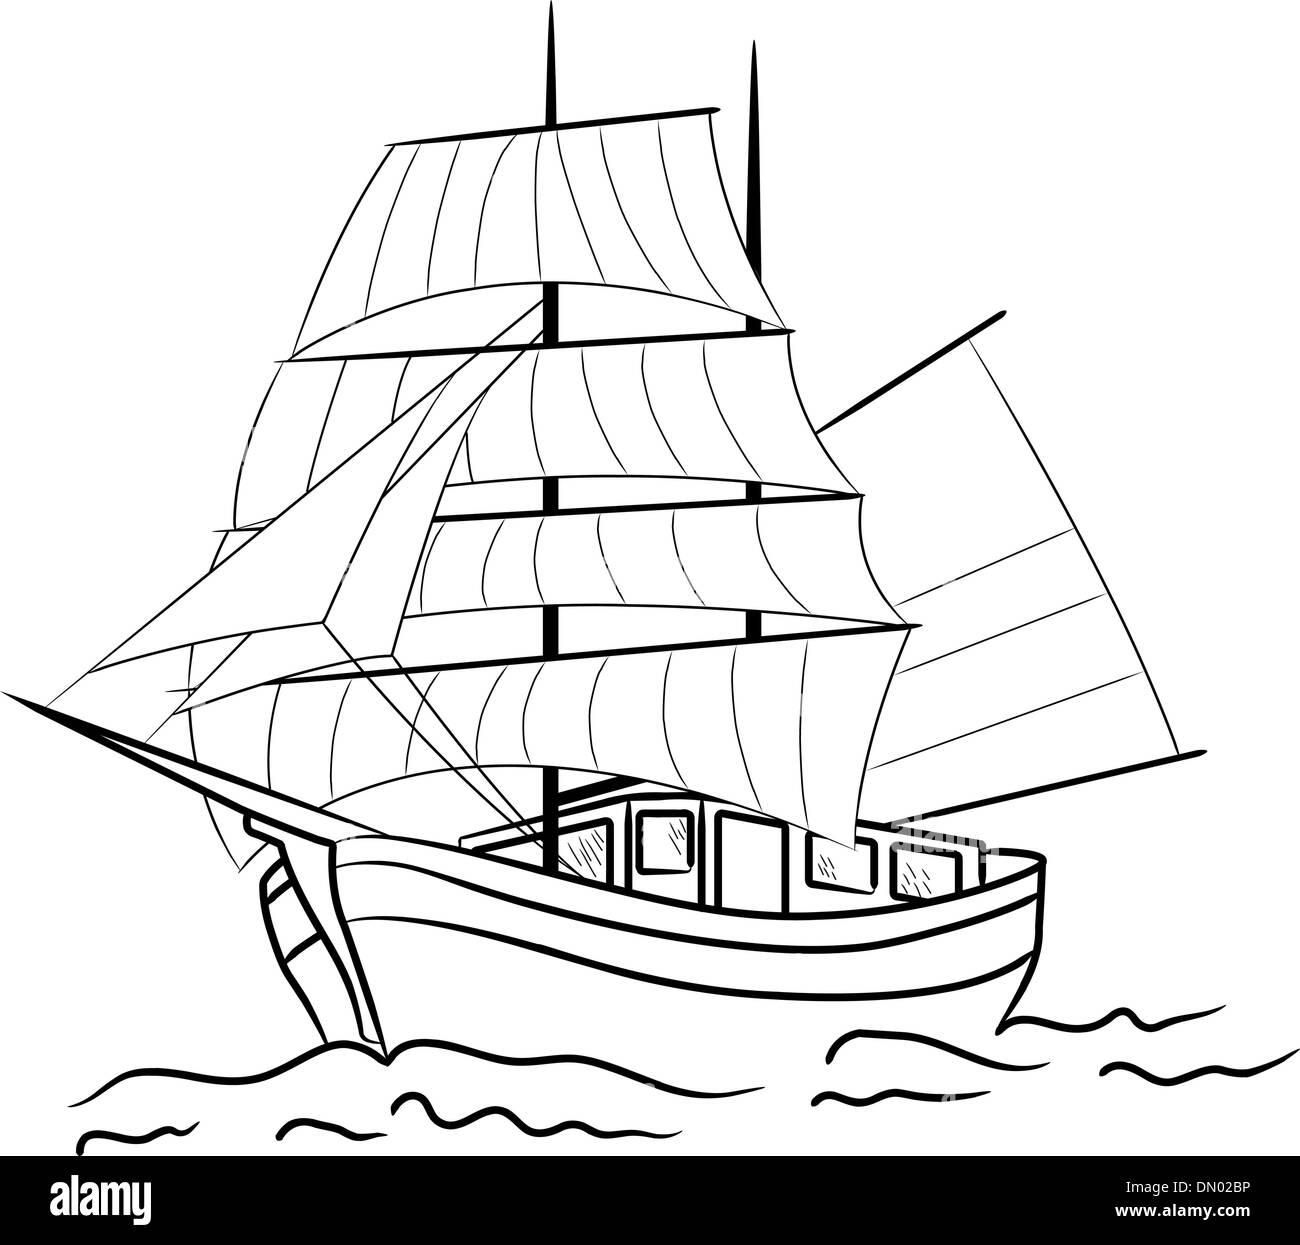 sketch cruise ship stock photos amp sketch cruise ship stock